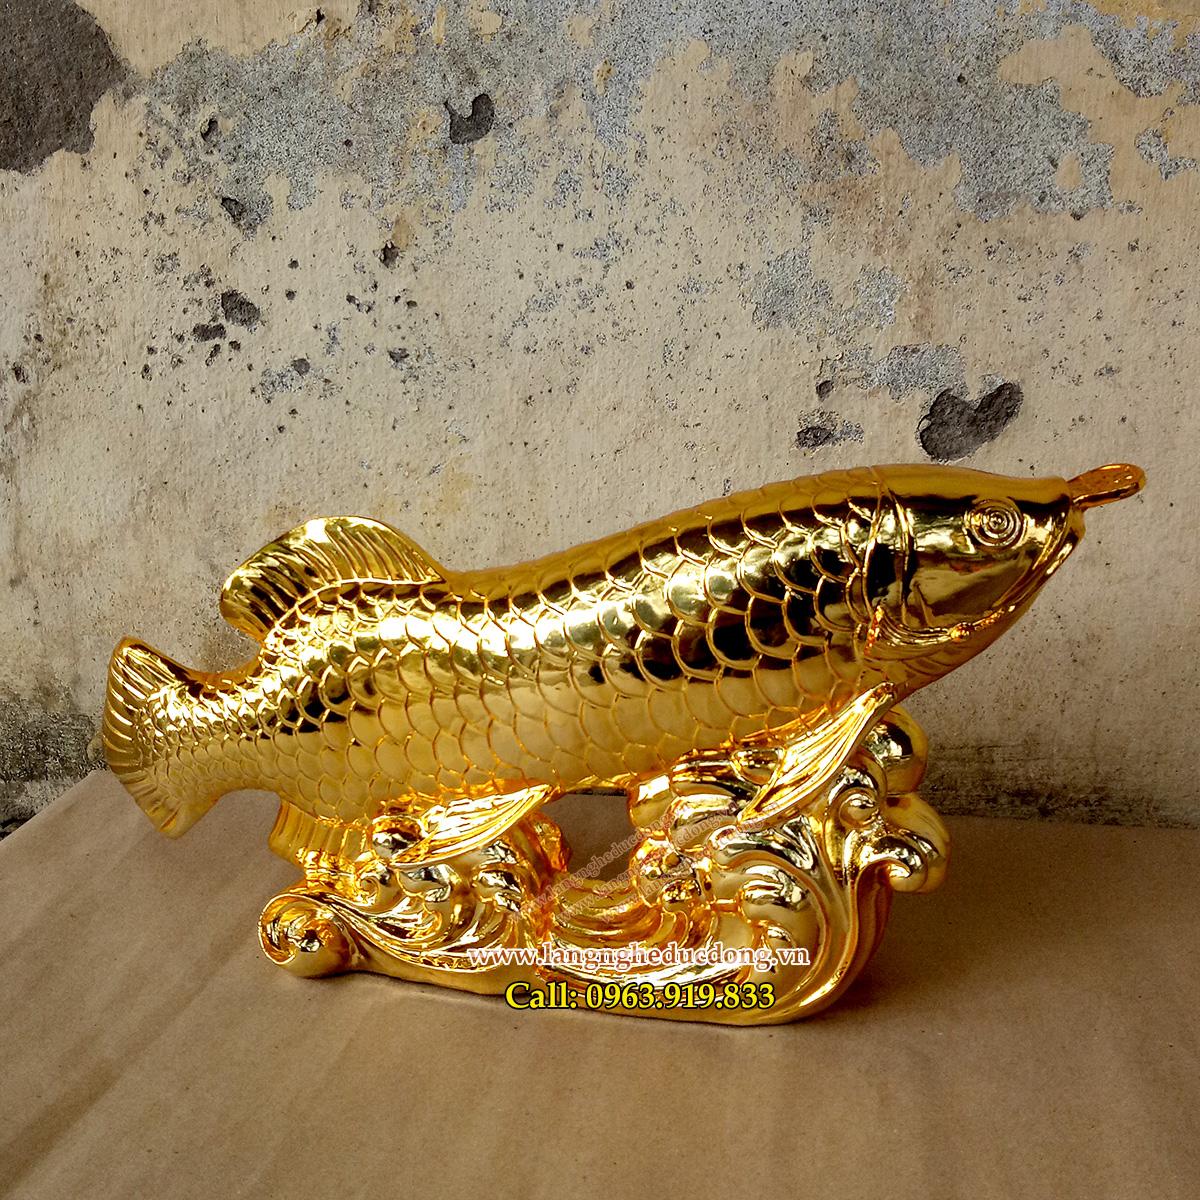 langngheducdong.vn - Cá Rồng Bằng Đồng mạ Vàng, vật phẩm Phong Thủy